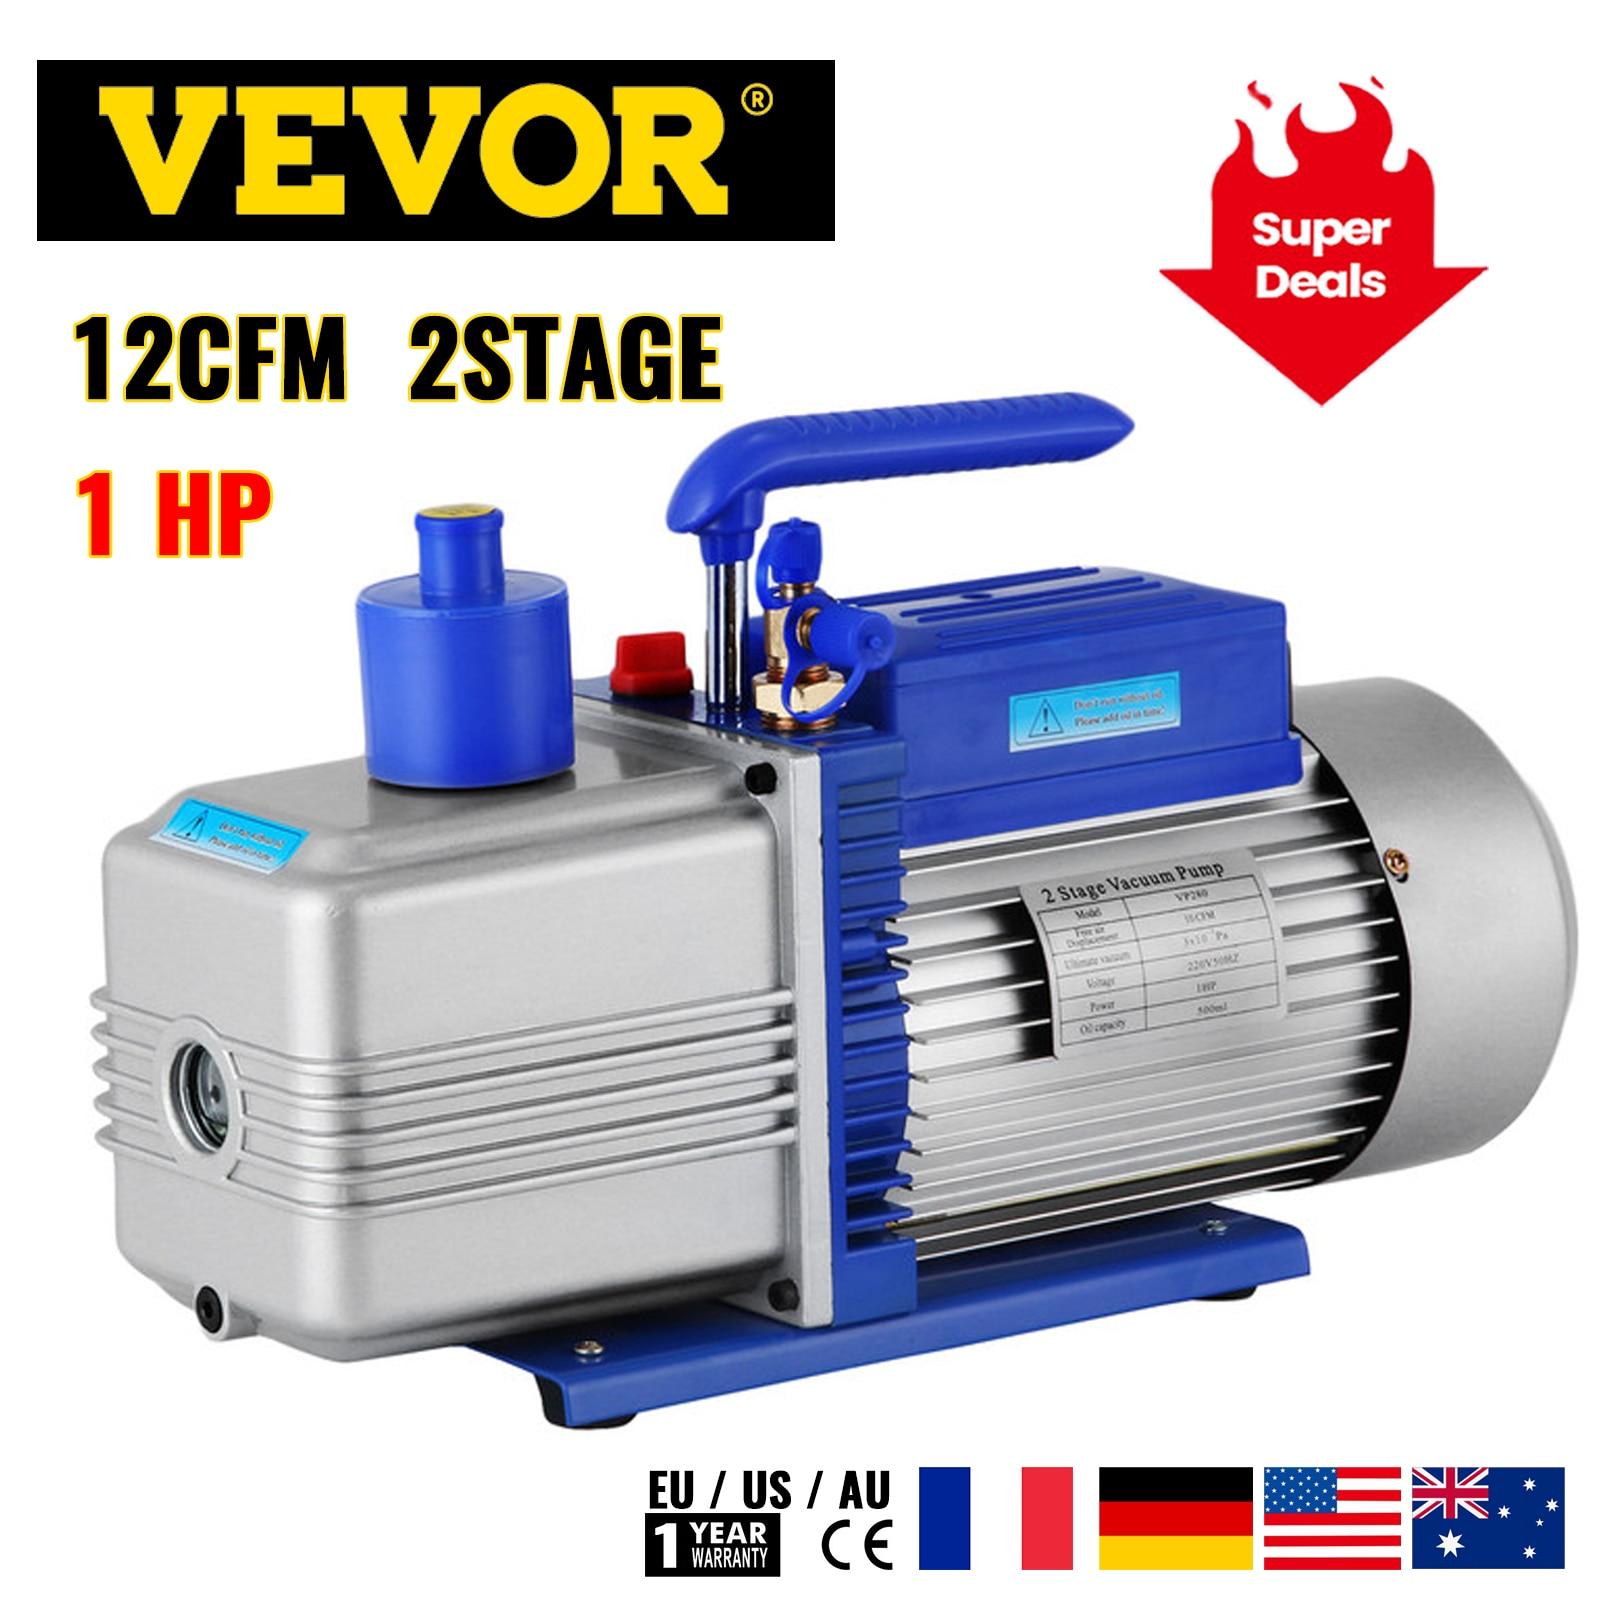 VEVOR 12CFM مضخة تفريغ التبريد 2-المرحلة التكييف التبريد للتعبئة فراغ تكييف الهواء المنزلية صيانة السيارات